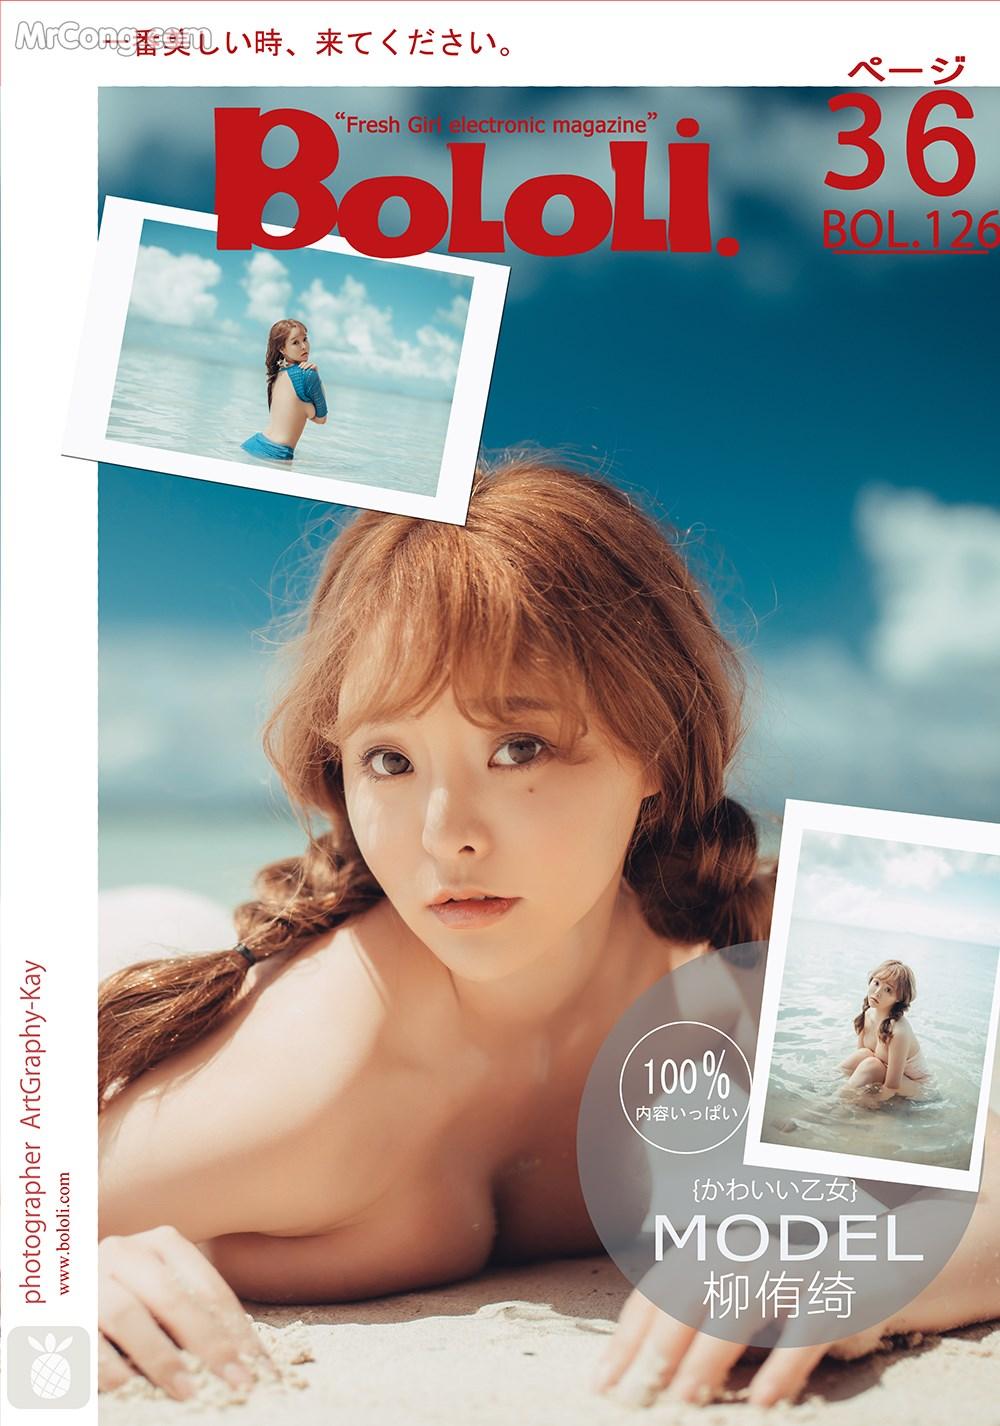 Bololi 2017-10-30 Vol.126: Người mẫu Liu You Qi Sevenbaby (柳侑绮) (37 ảnh)